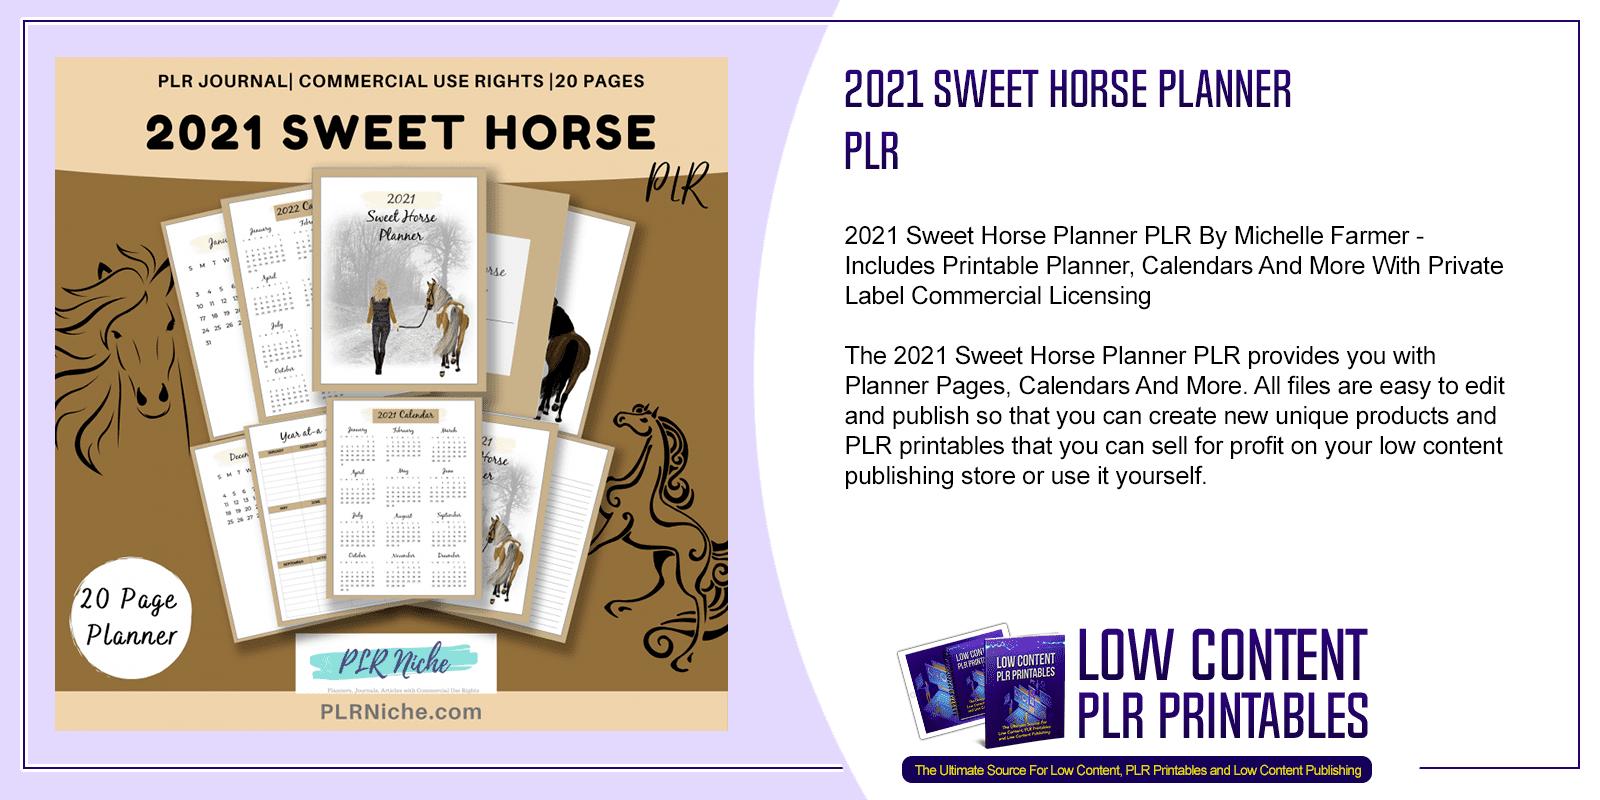 2021 Sweet Horse Planner PLR